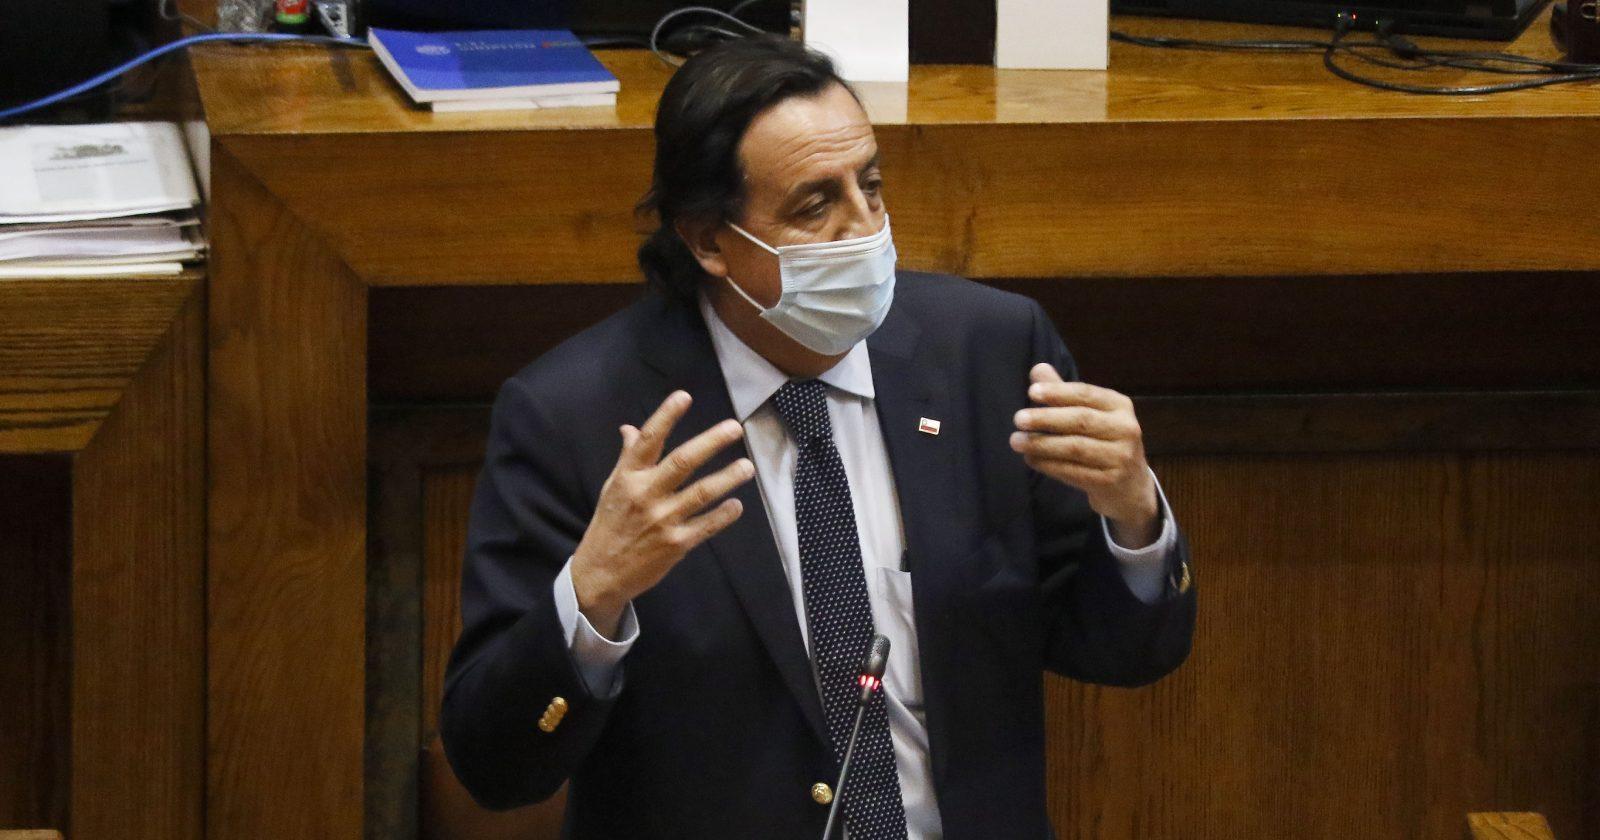 ¿Víctor Pérez a la Convención? Oposición buscará inhabilitarlo en el Senado